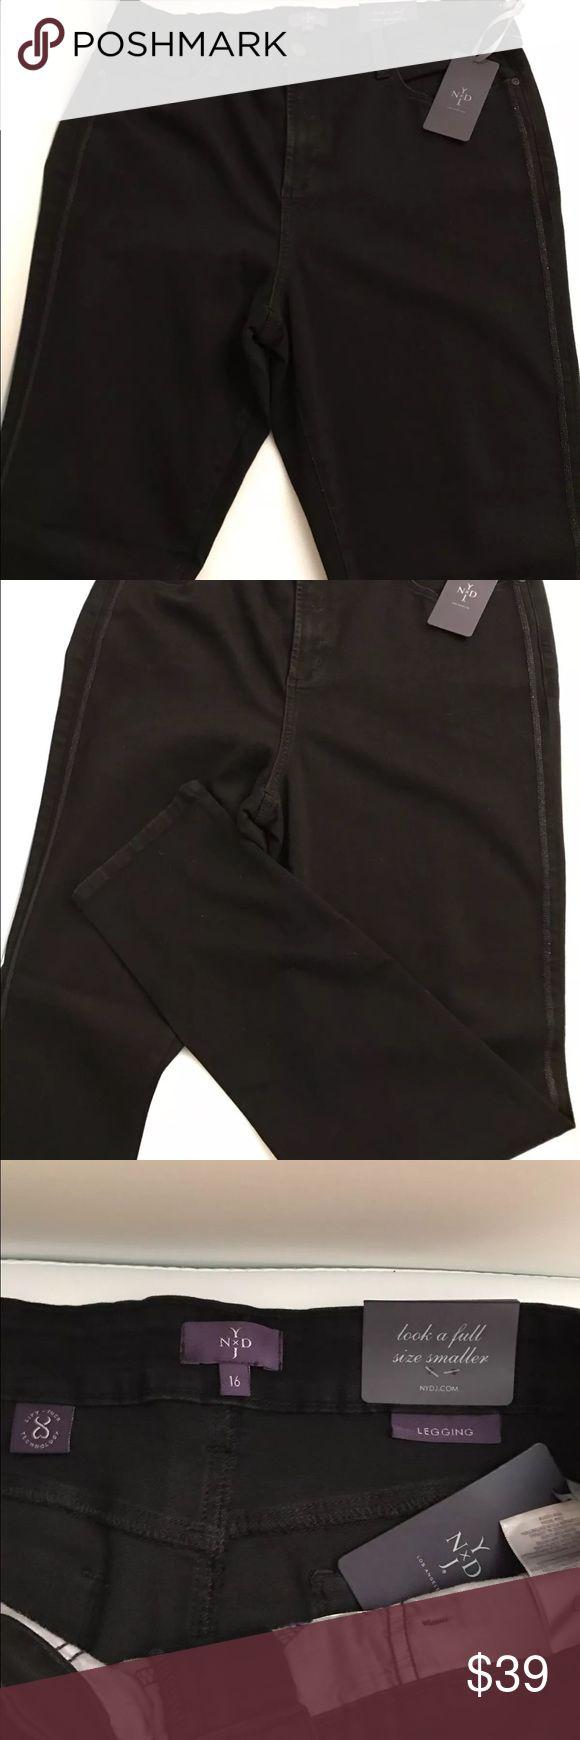 NYDJ women Jeans in black size 16 NYDJ Jeans women in black size 16 NYDJ Jeans